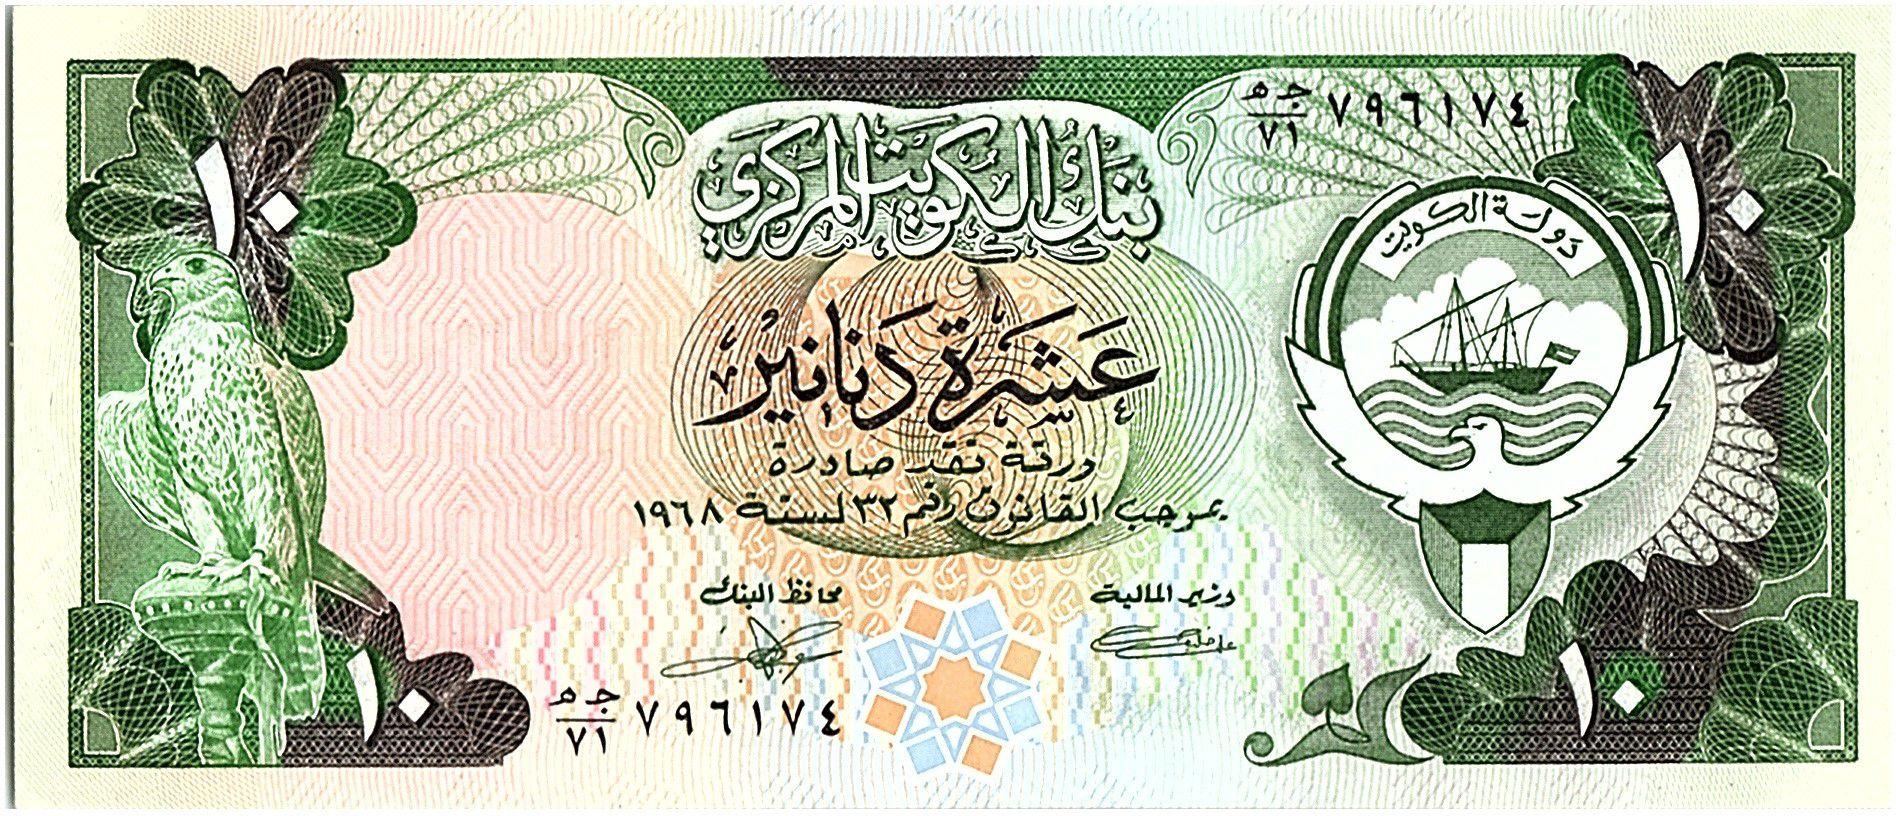 Kuwait 10 Dinars - Arms - Dhow- 19(80-91) P.15 c